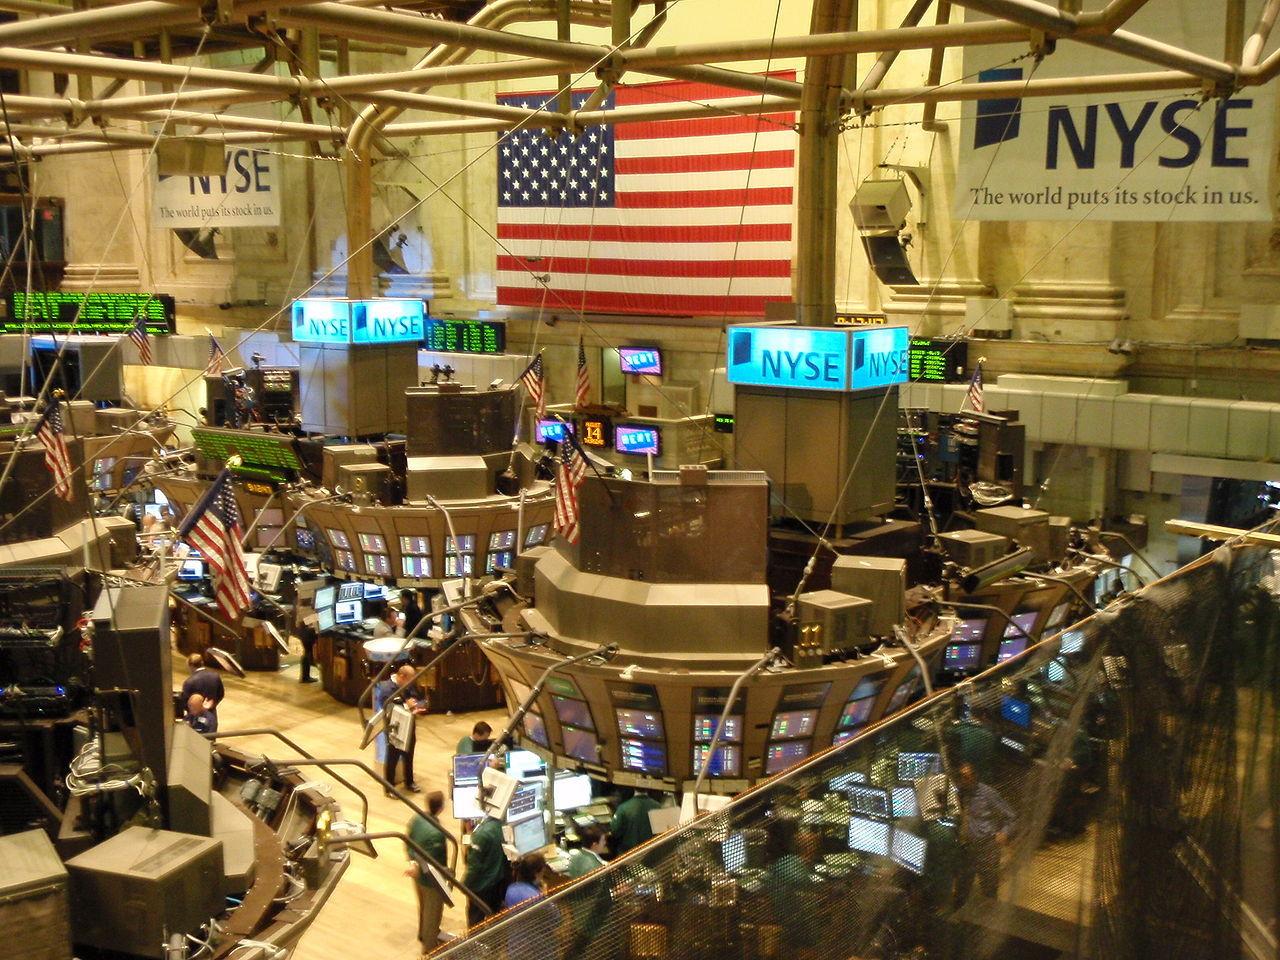 Låg Anonymous bakom störningar på New York-börsen?